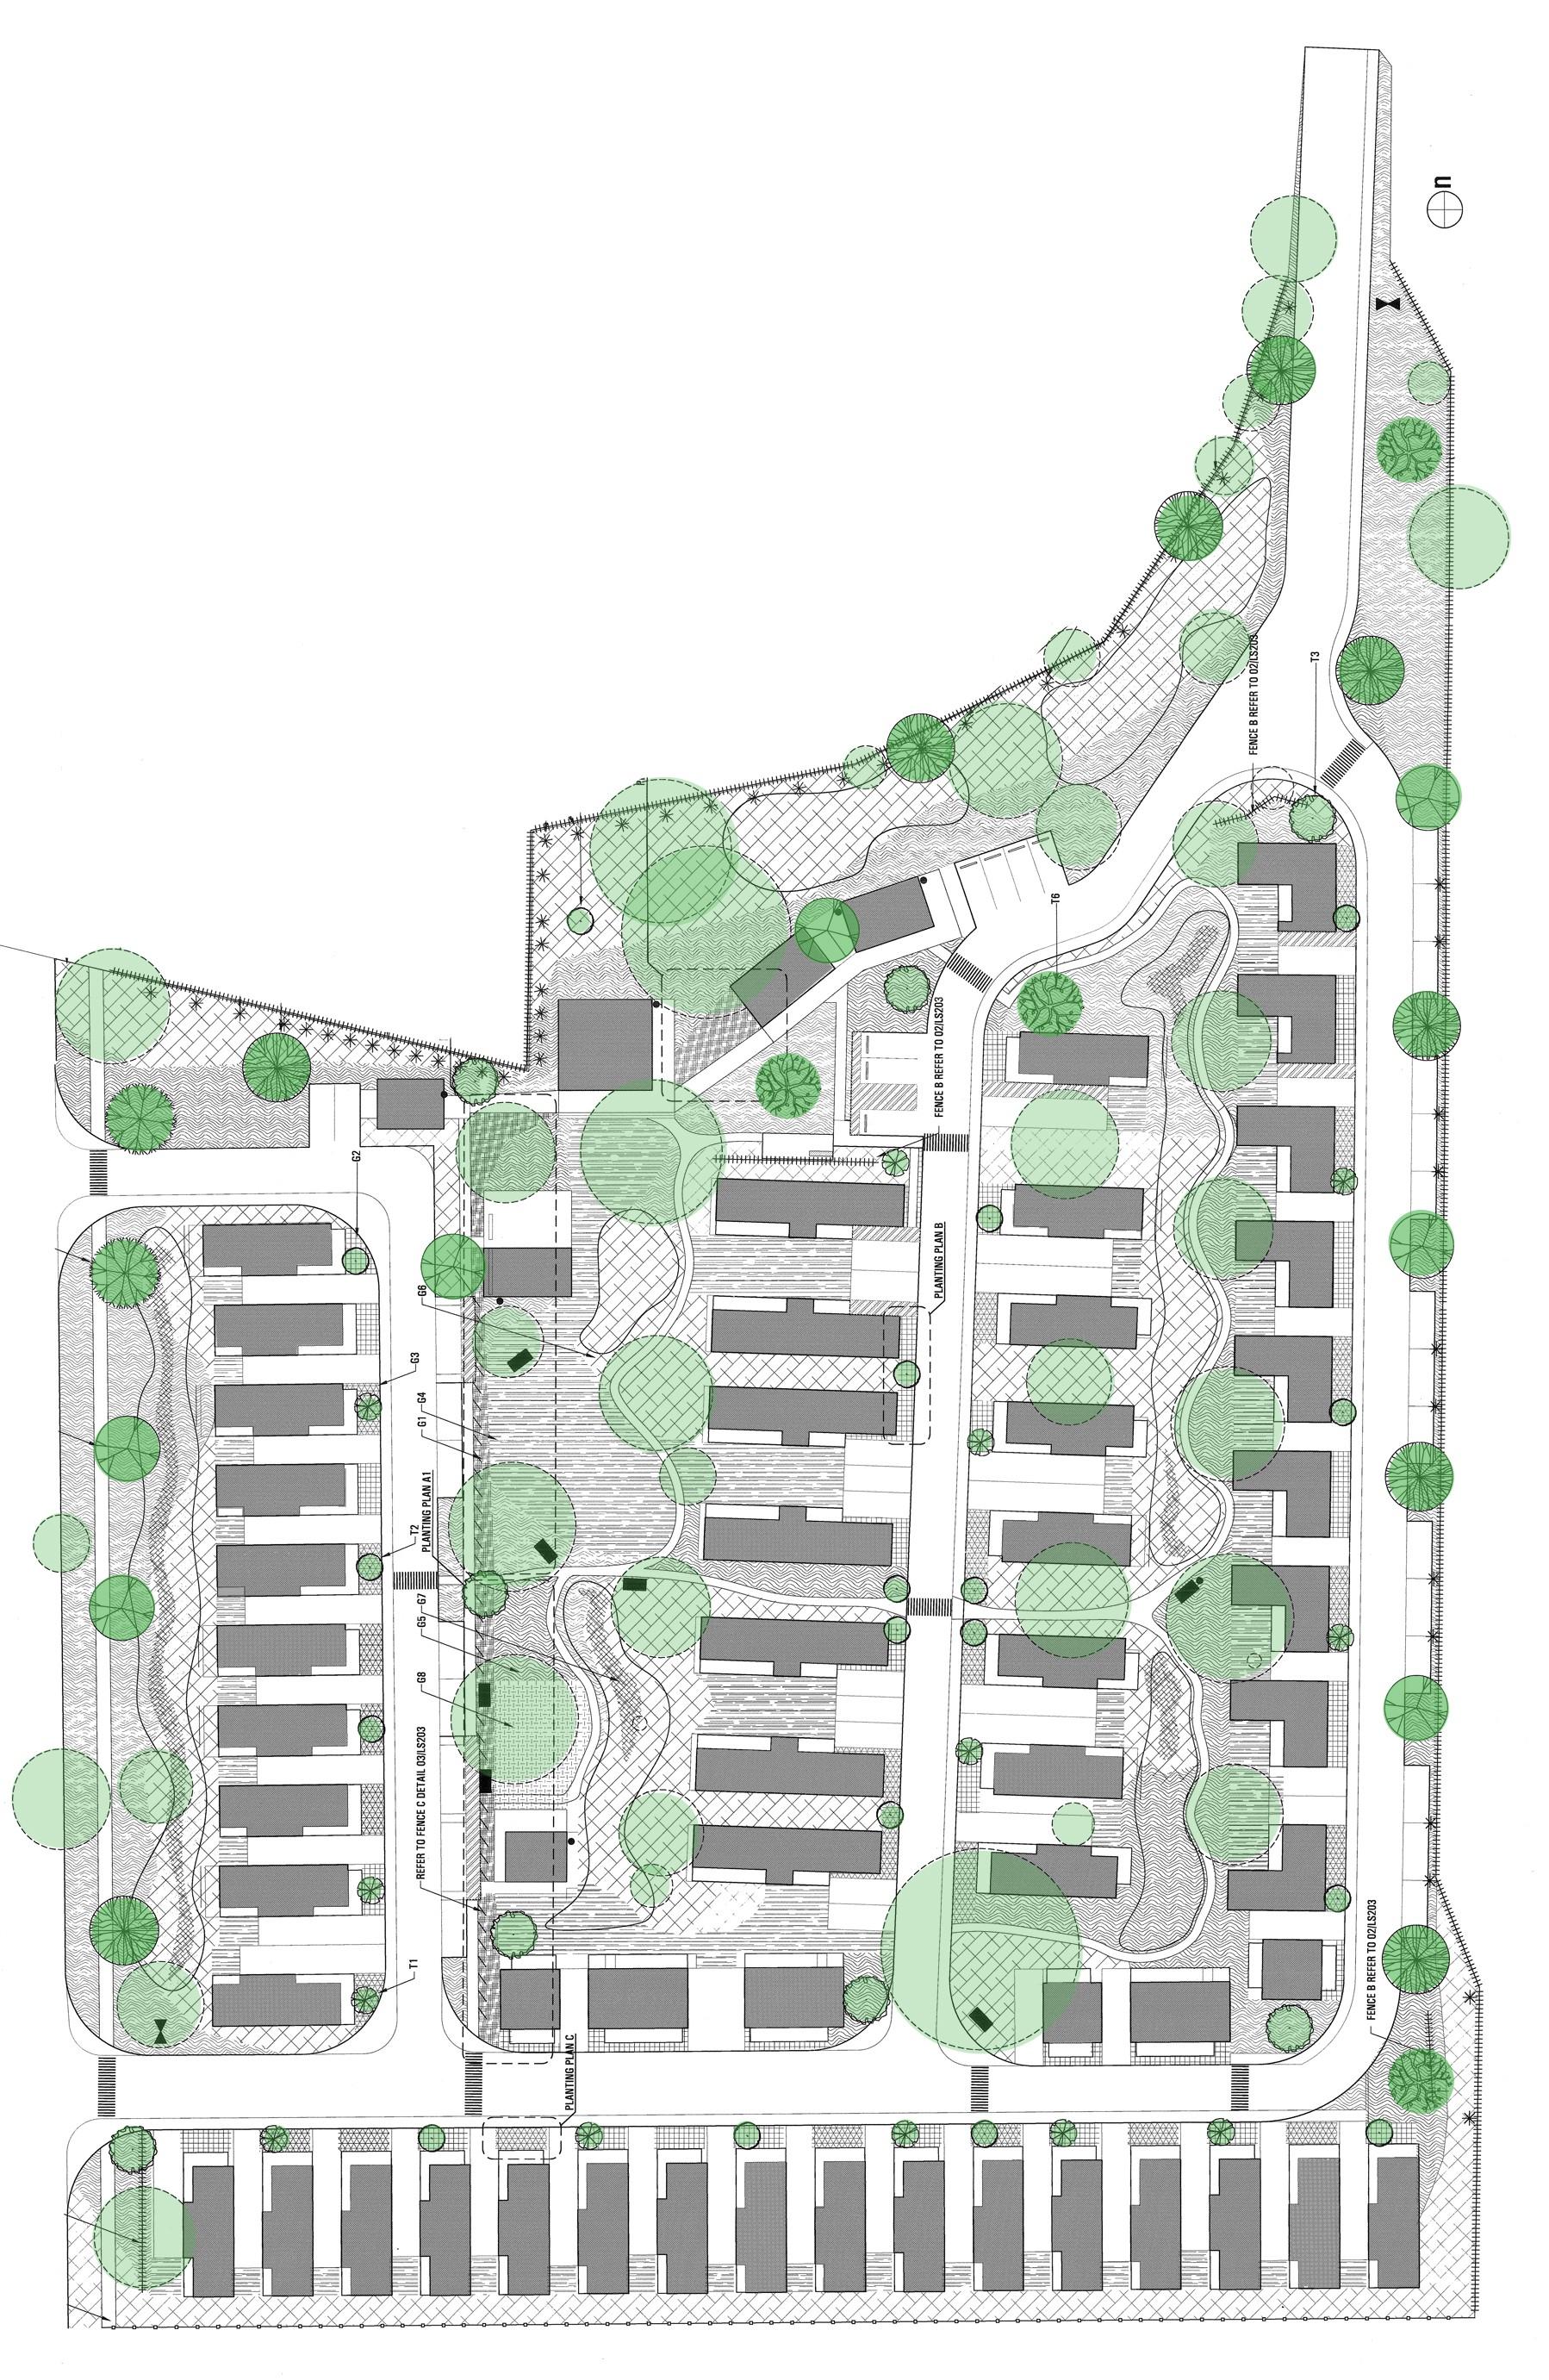 LaHa Site Plan